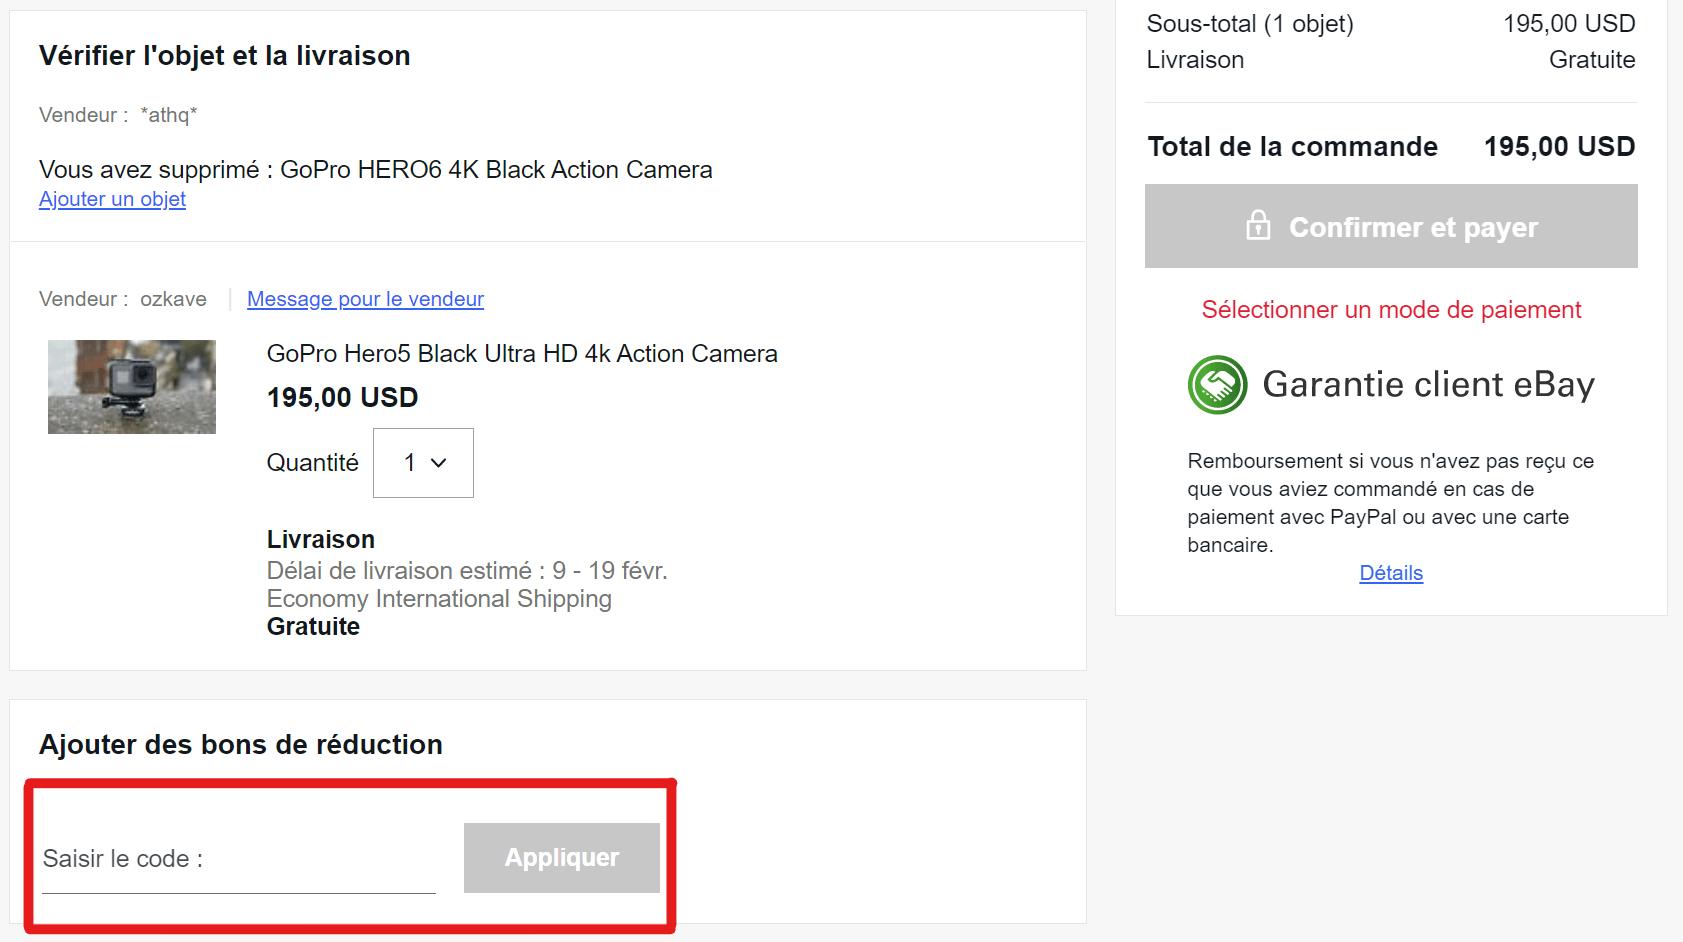 ebay-voucher_redemption-how-to